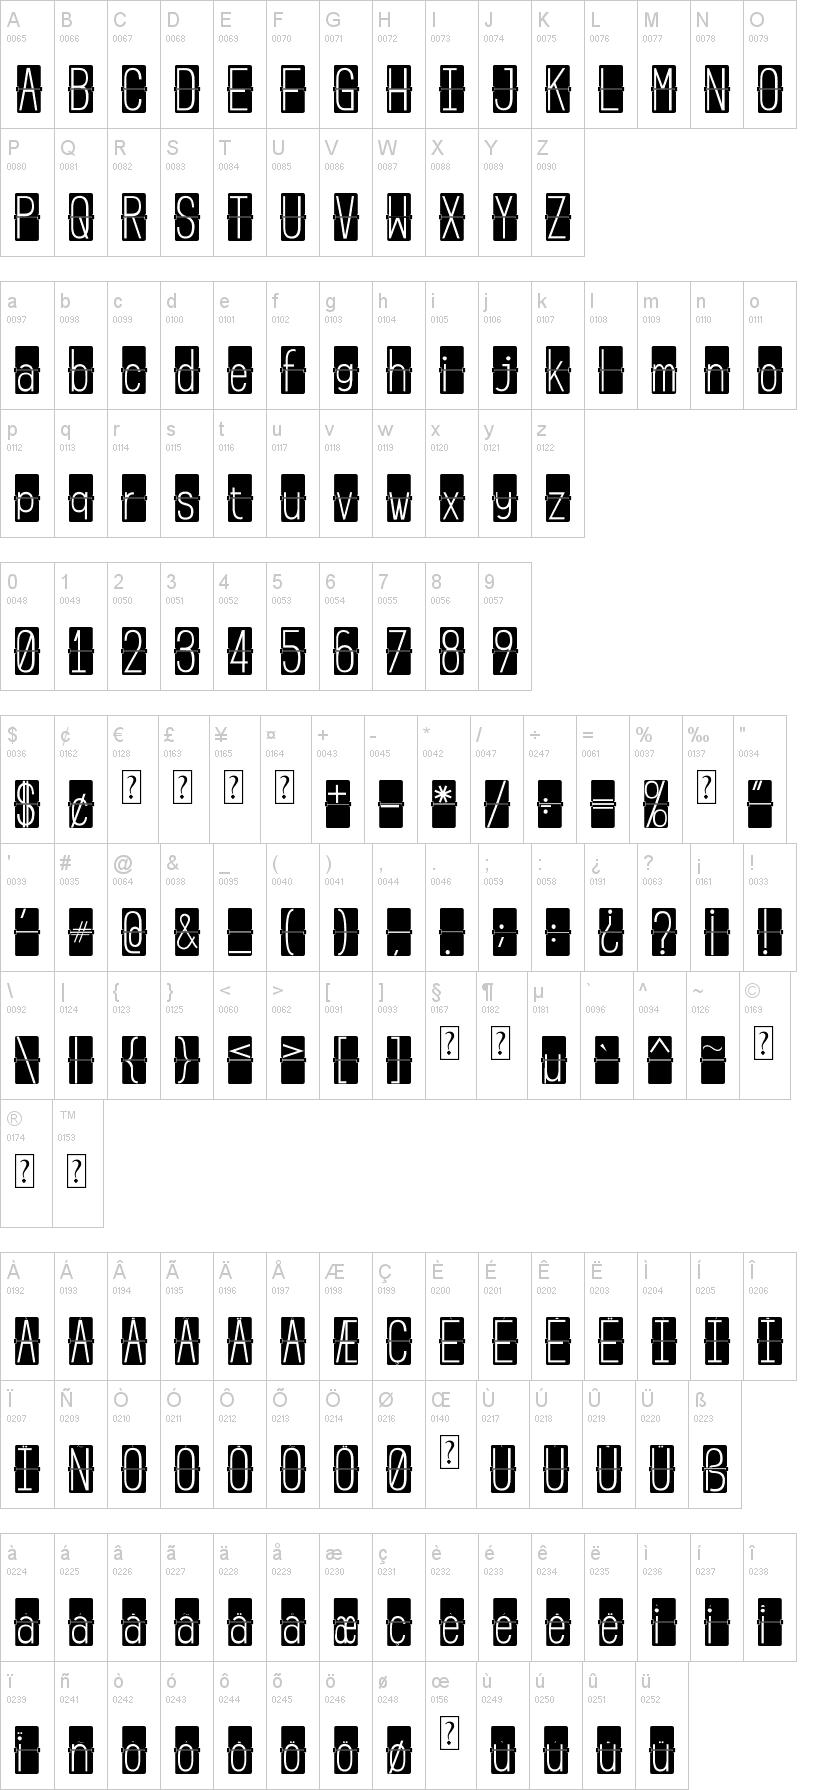 Flip Clock Font | dafont com